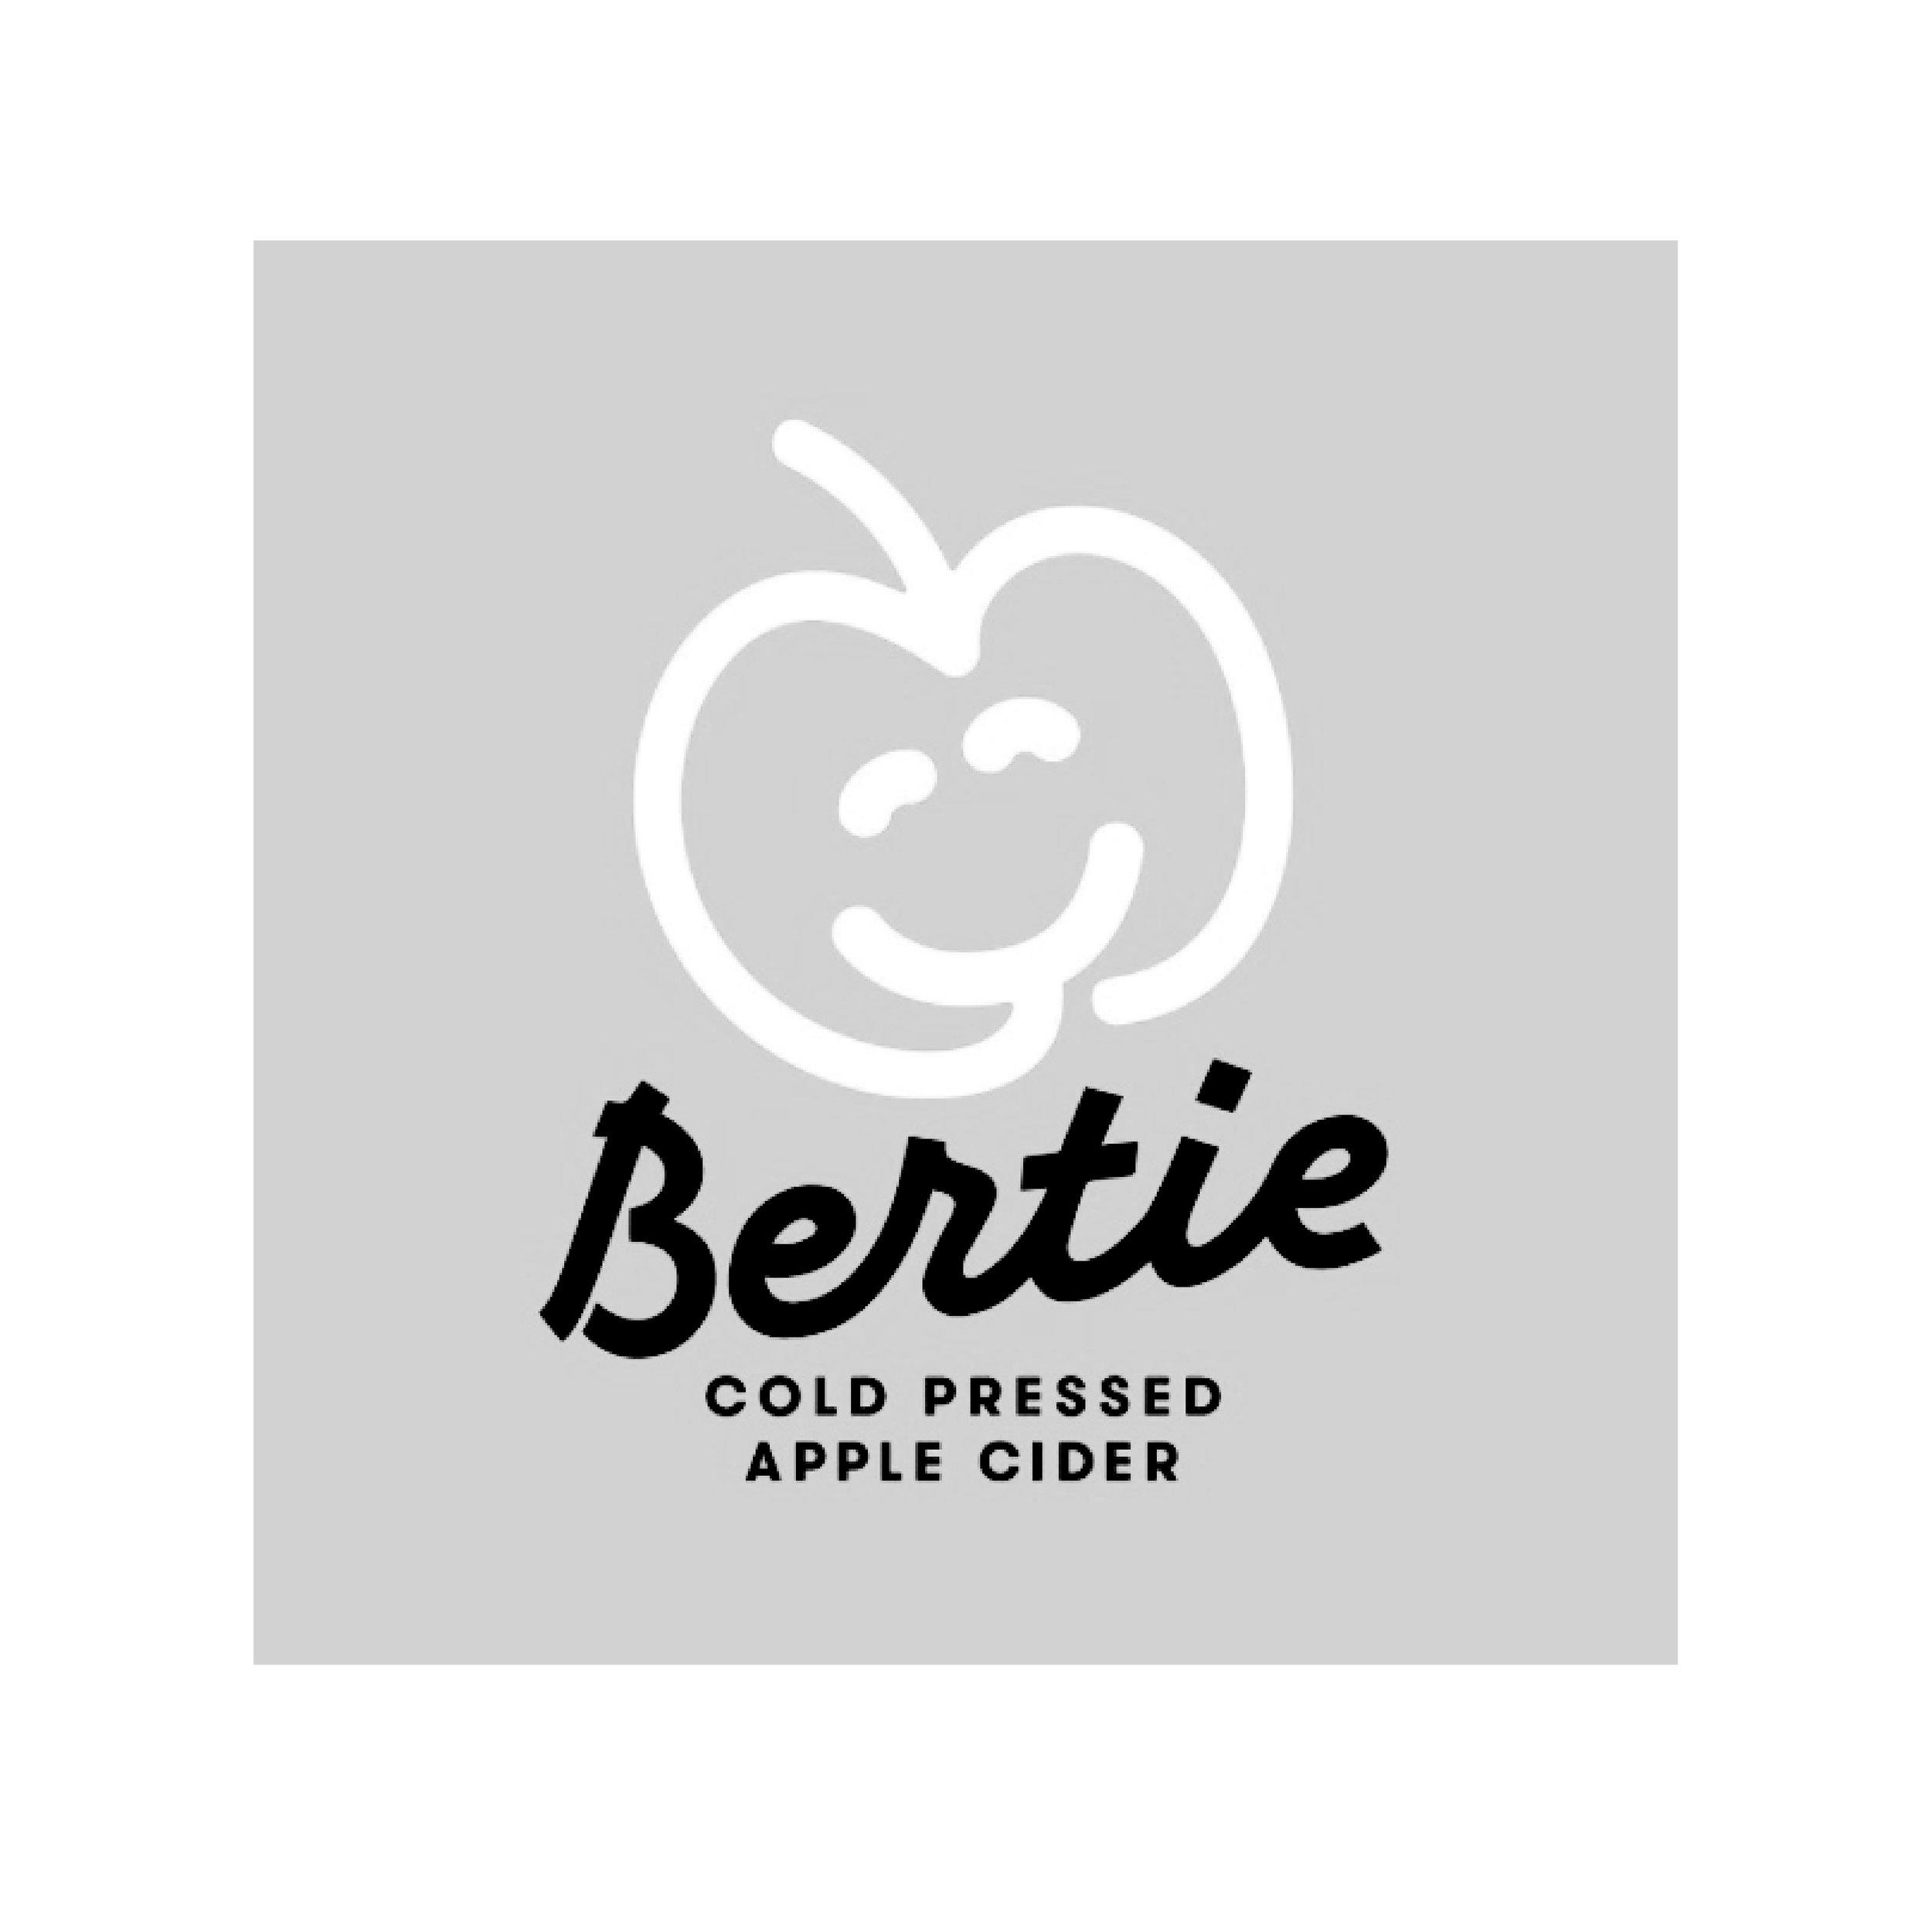 bertie600-01.jpg